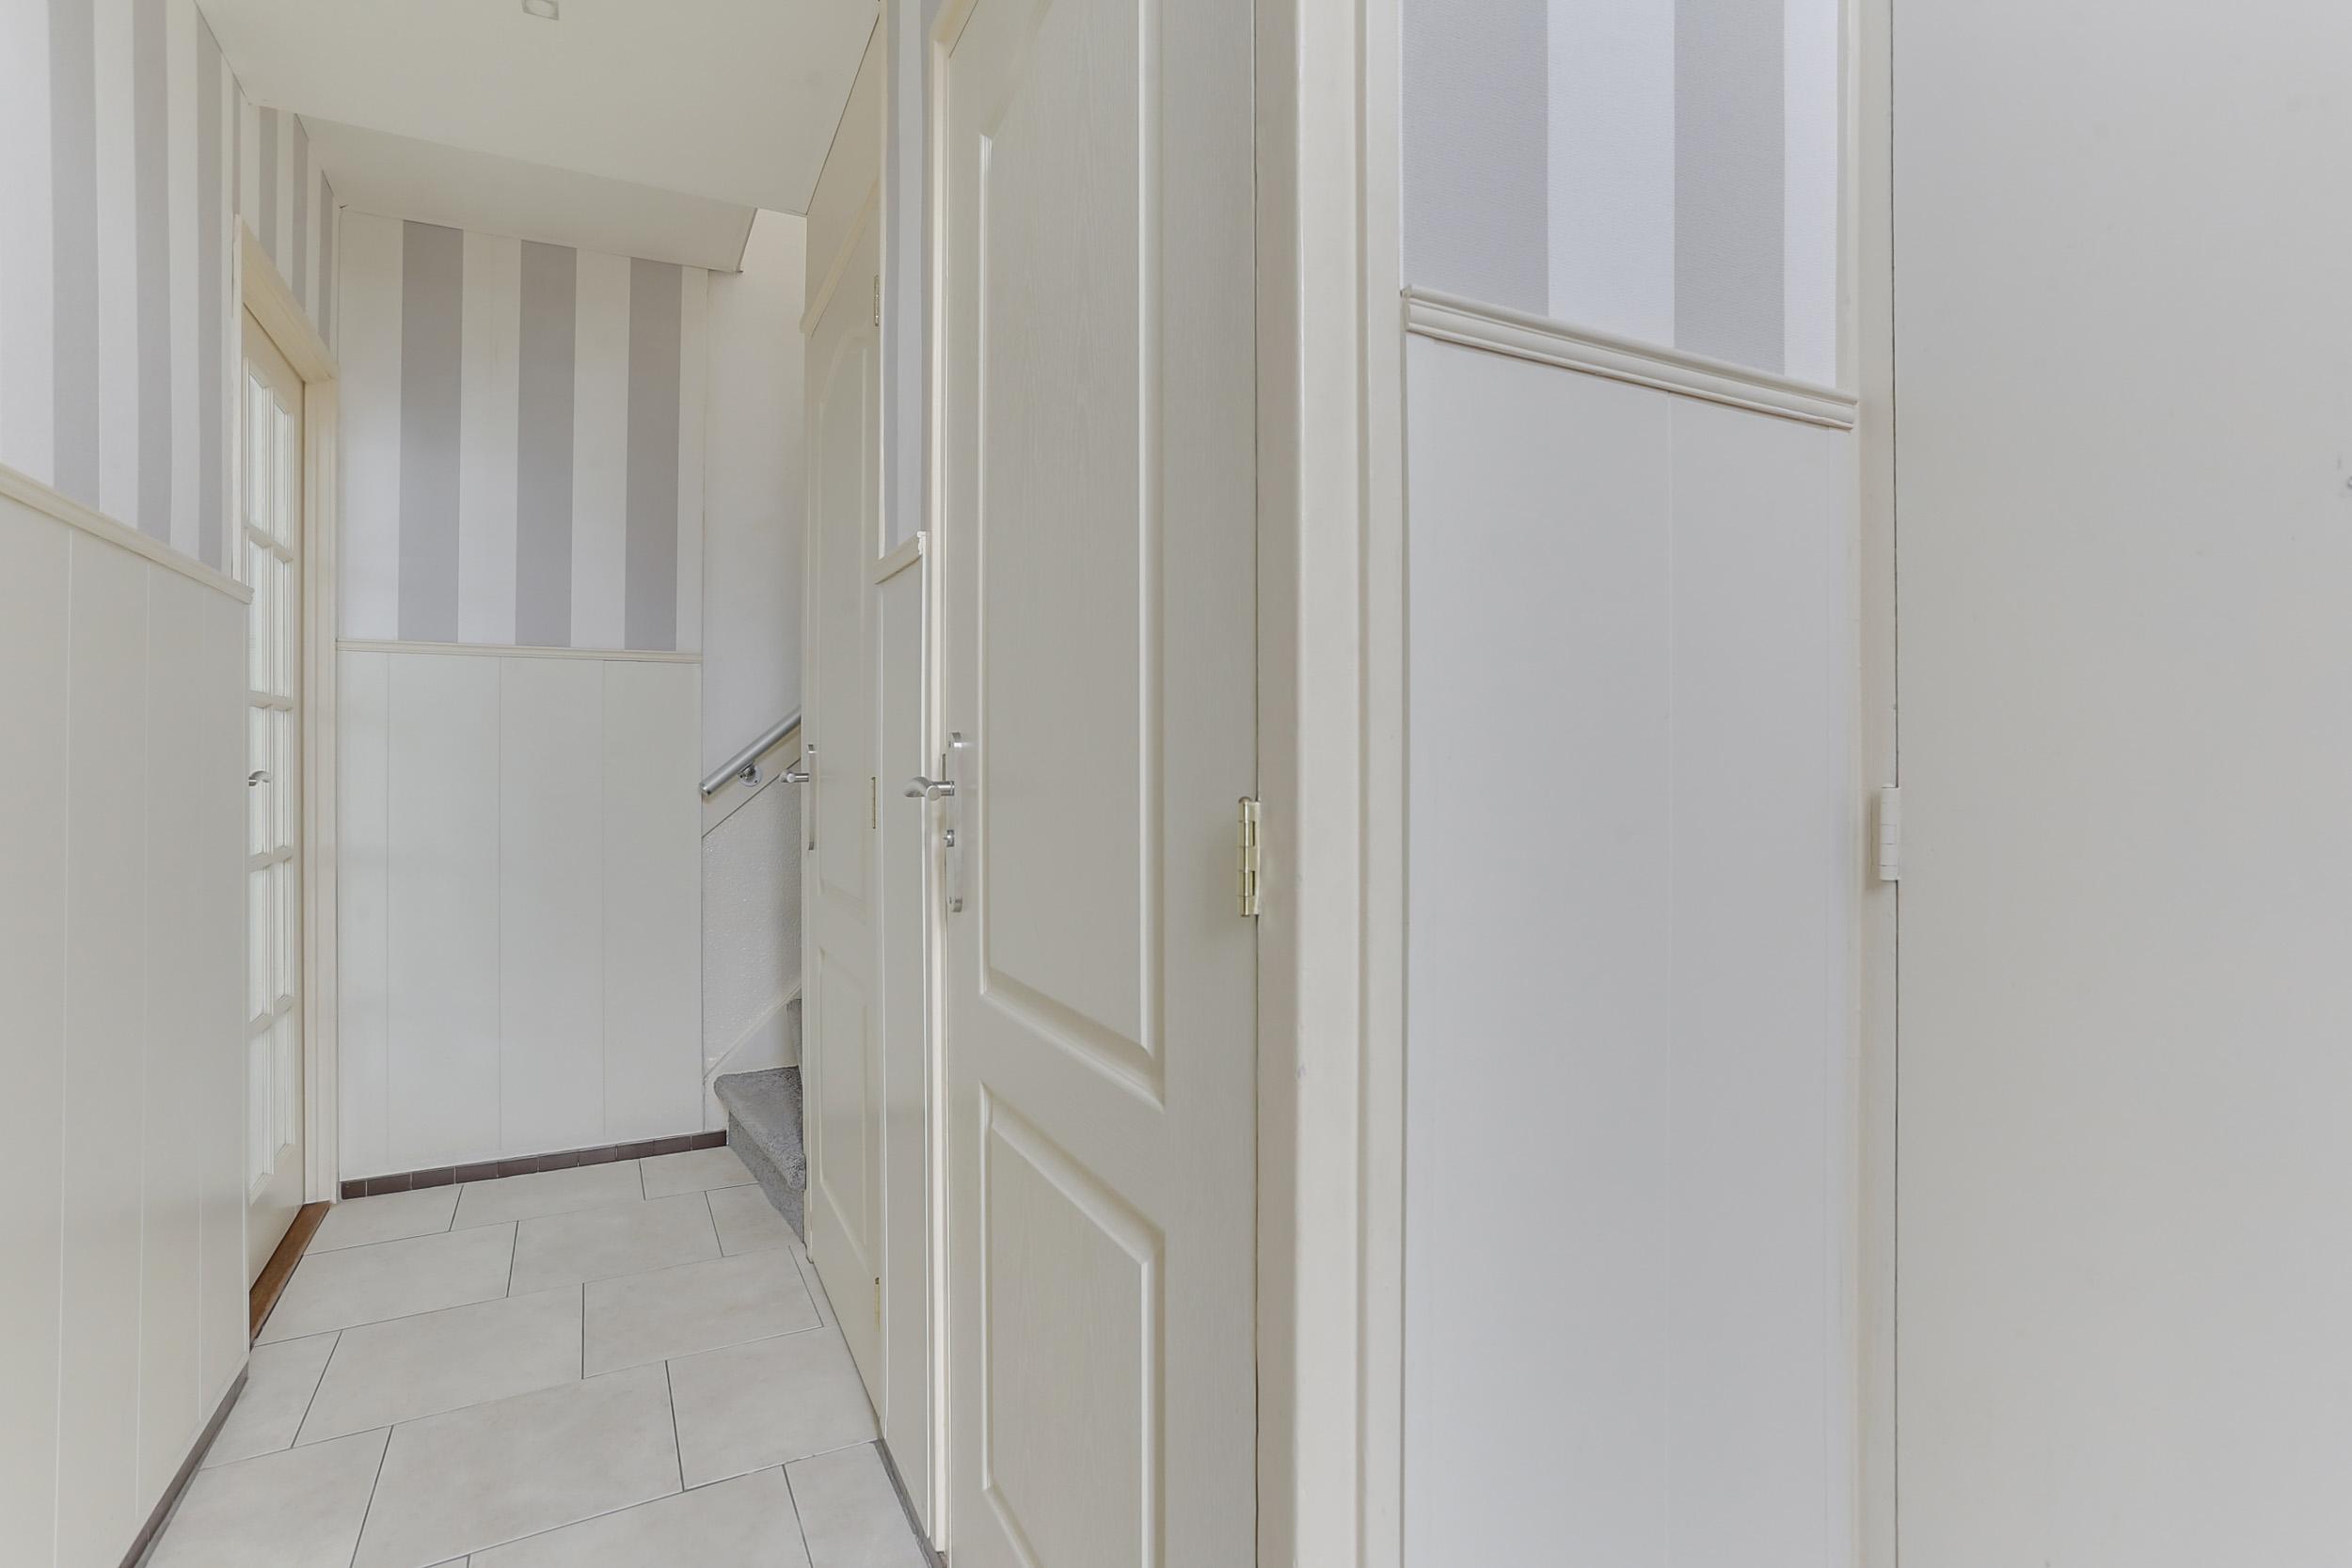 Emejing Plintverwarming Woonkamer Pictures - House Design Ideas 2018 ...